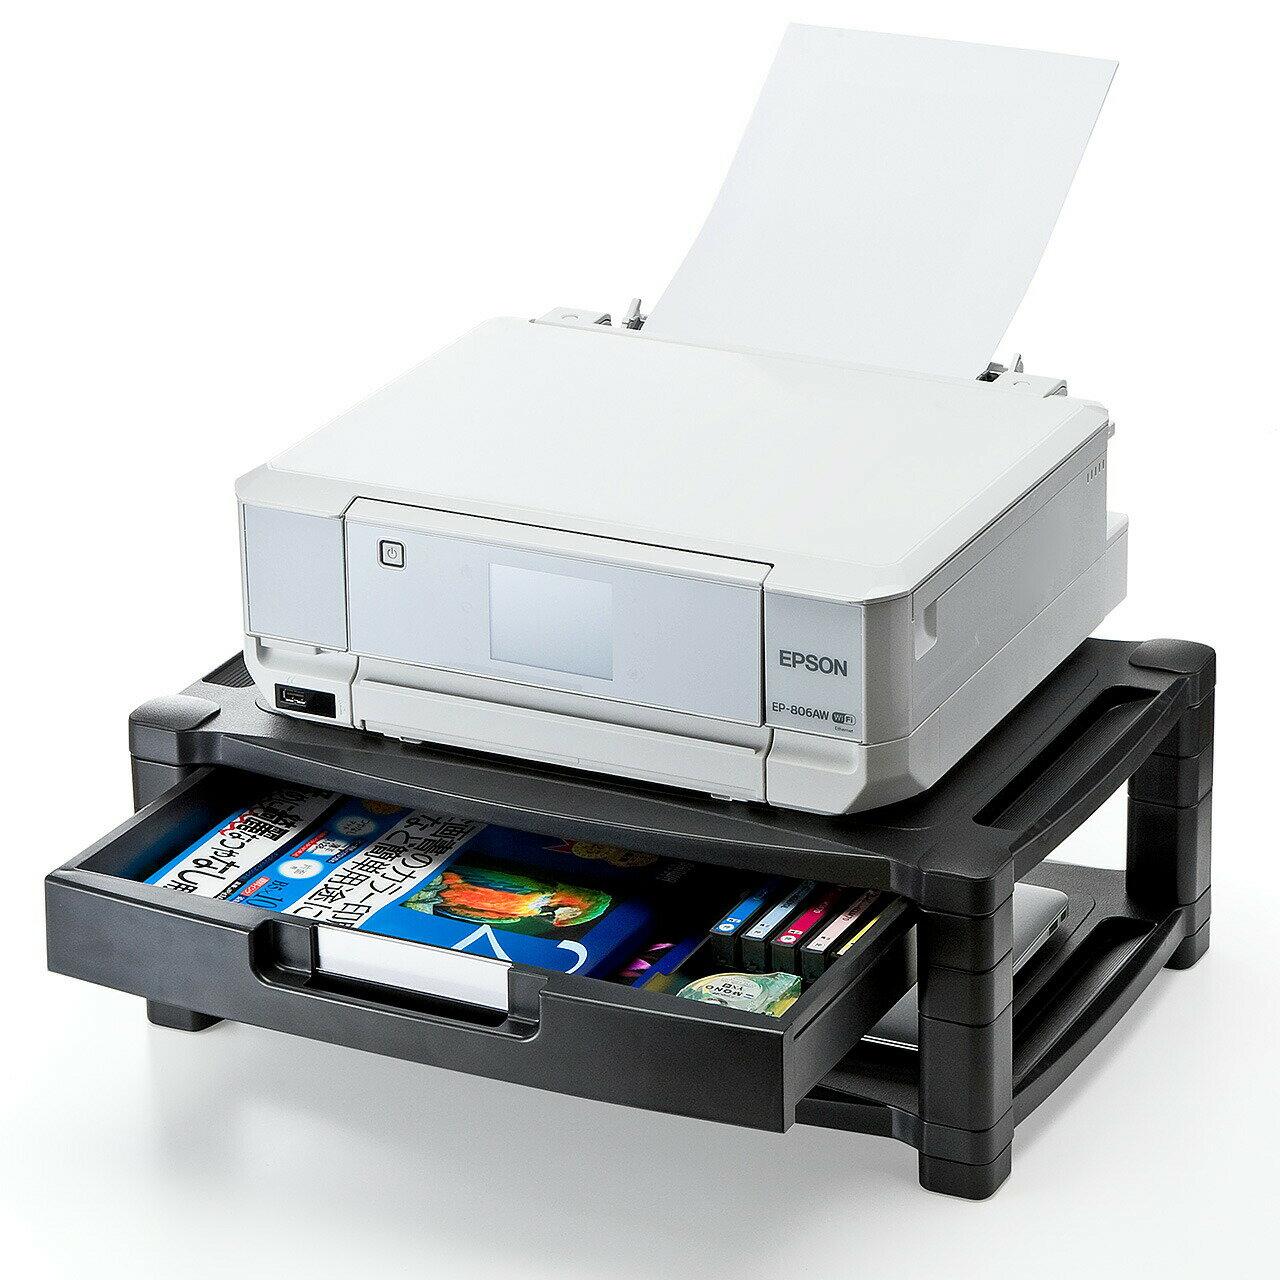 【送料無料】プリンター台 卓上 引出し&棚付 机上台 プリンタの下に用紙やインクを収納可 ブラック[100-PS003]